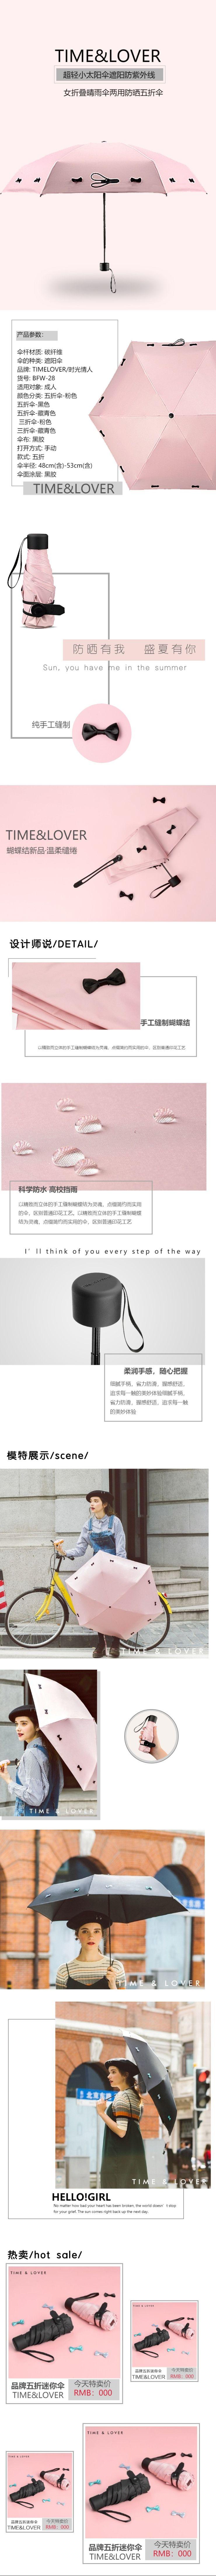 简约浪漫百货零售家居生活雨伞促销电商详情页